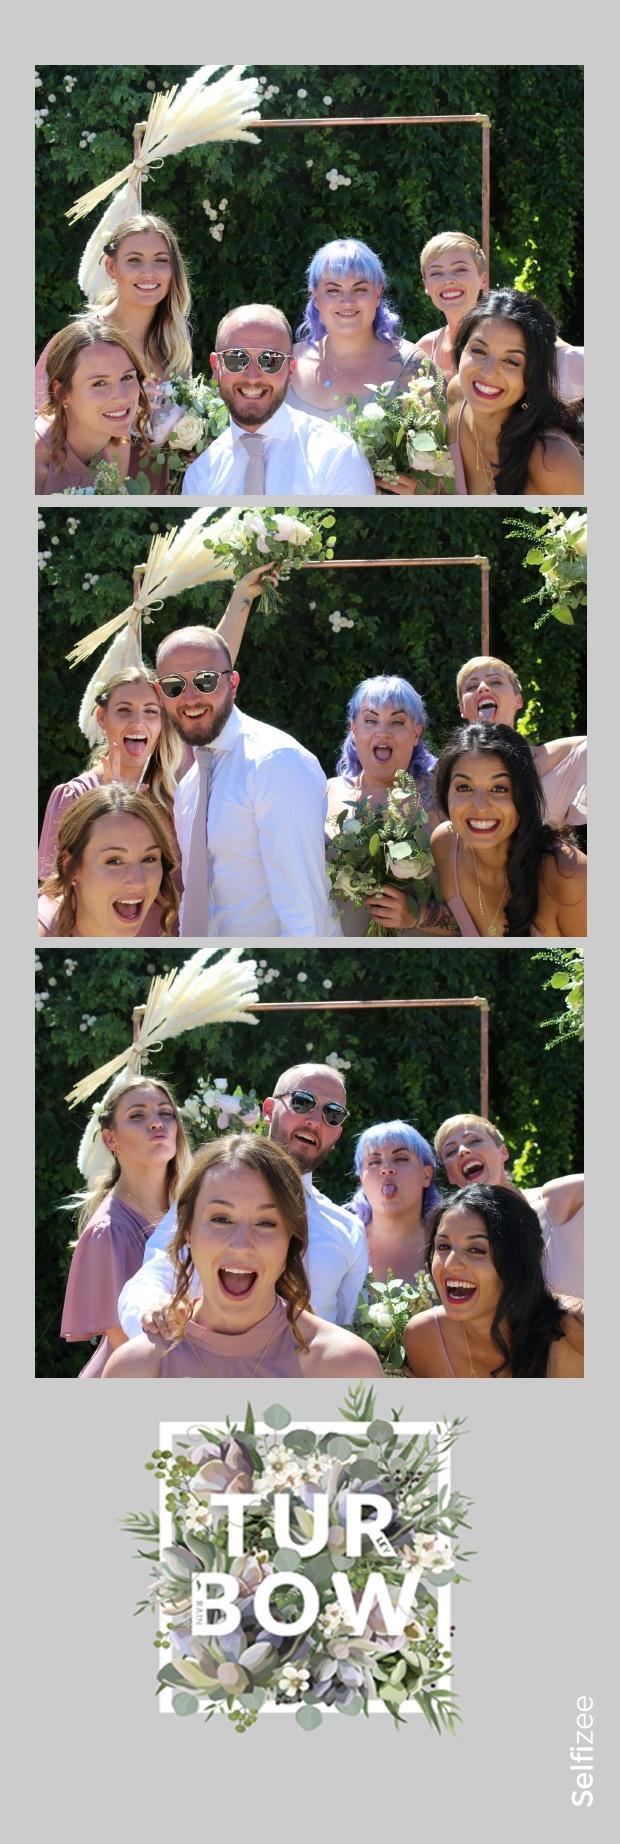 Séance selfies mariage Bordeaux avec photos personnalisées et impressions - photobooth à louer pour mariage ou fête à Bordeaux en Gironde